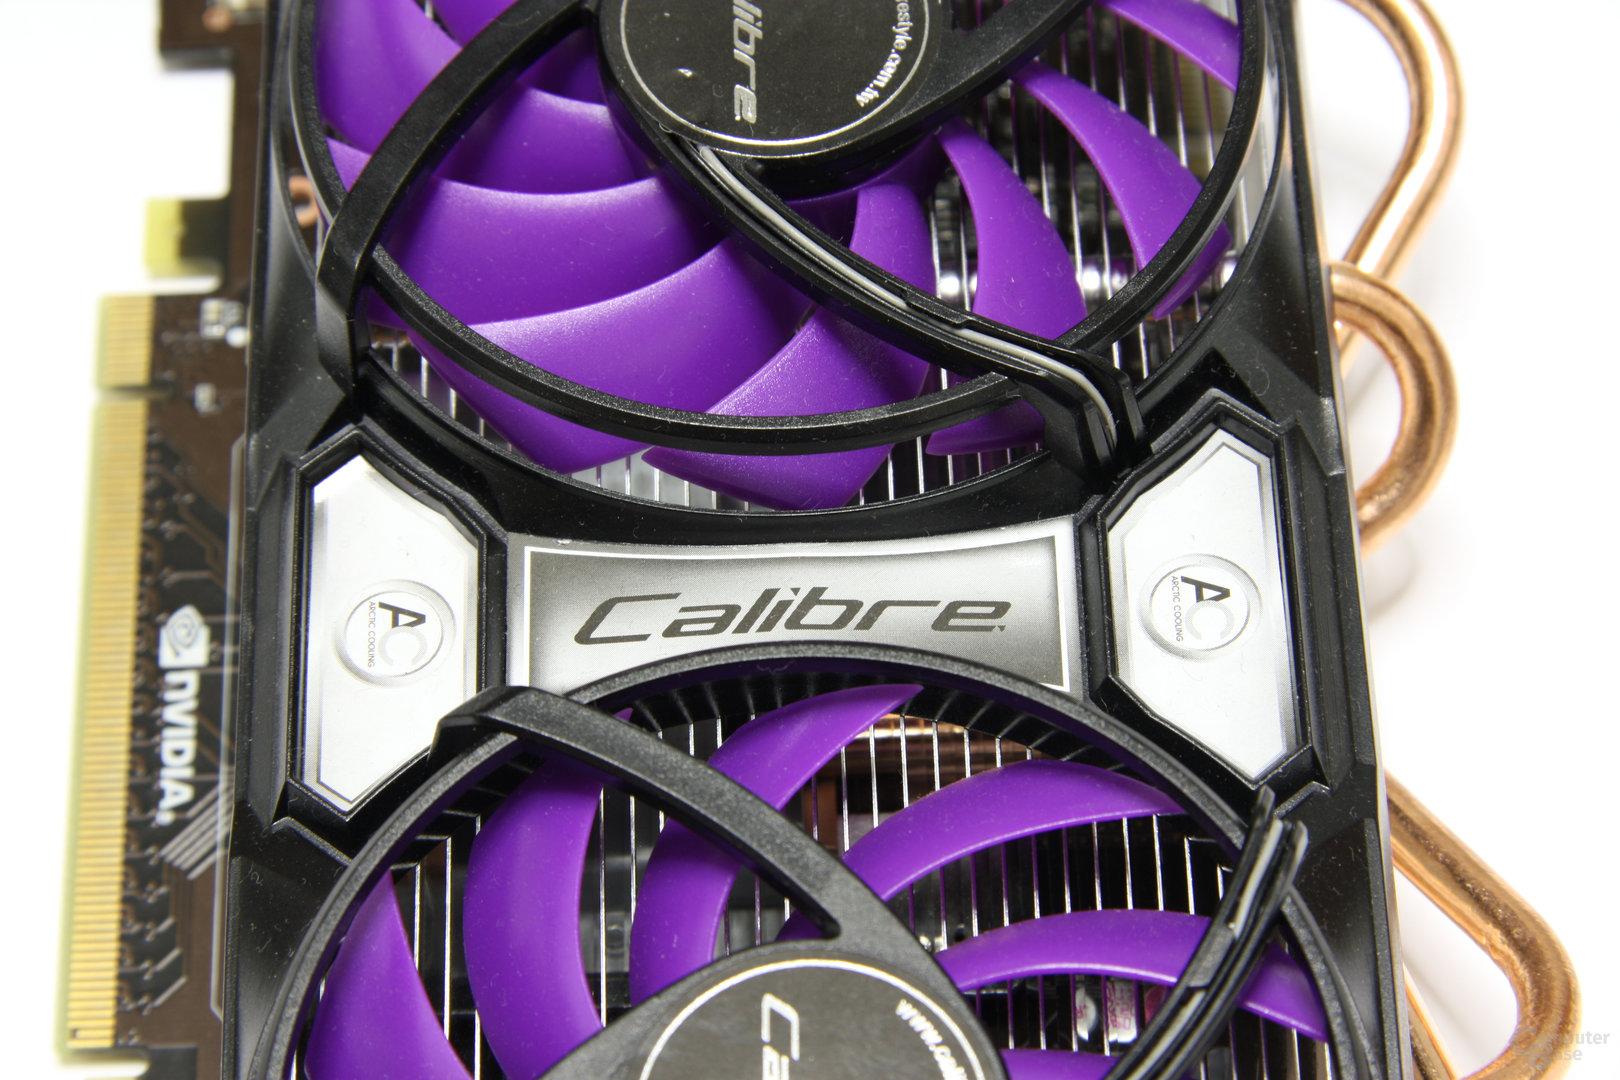 Calibre GTX 460 Schriftzug